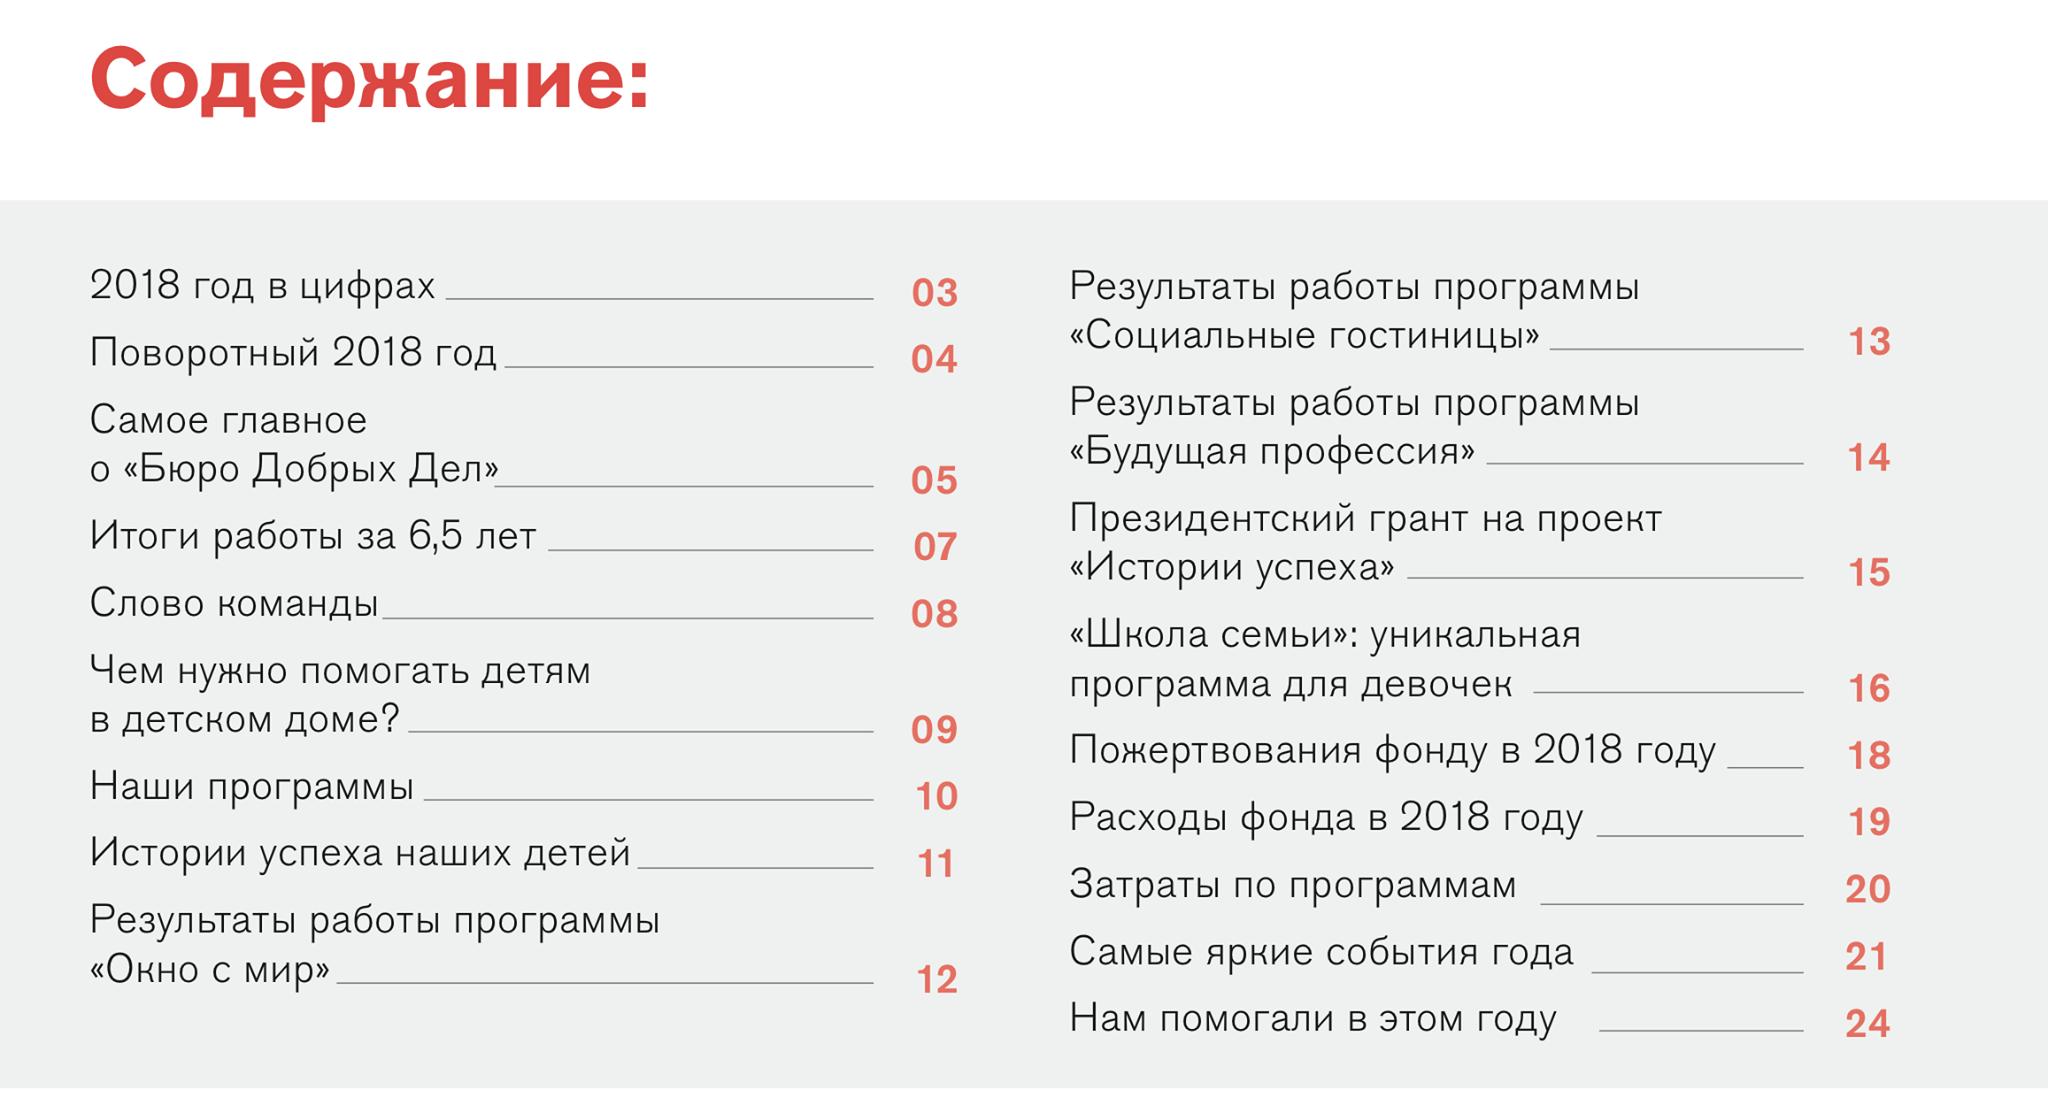 Годовой отчет | БЮРО ДОБРЫХ ДЕЛ